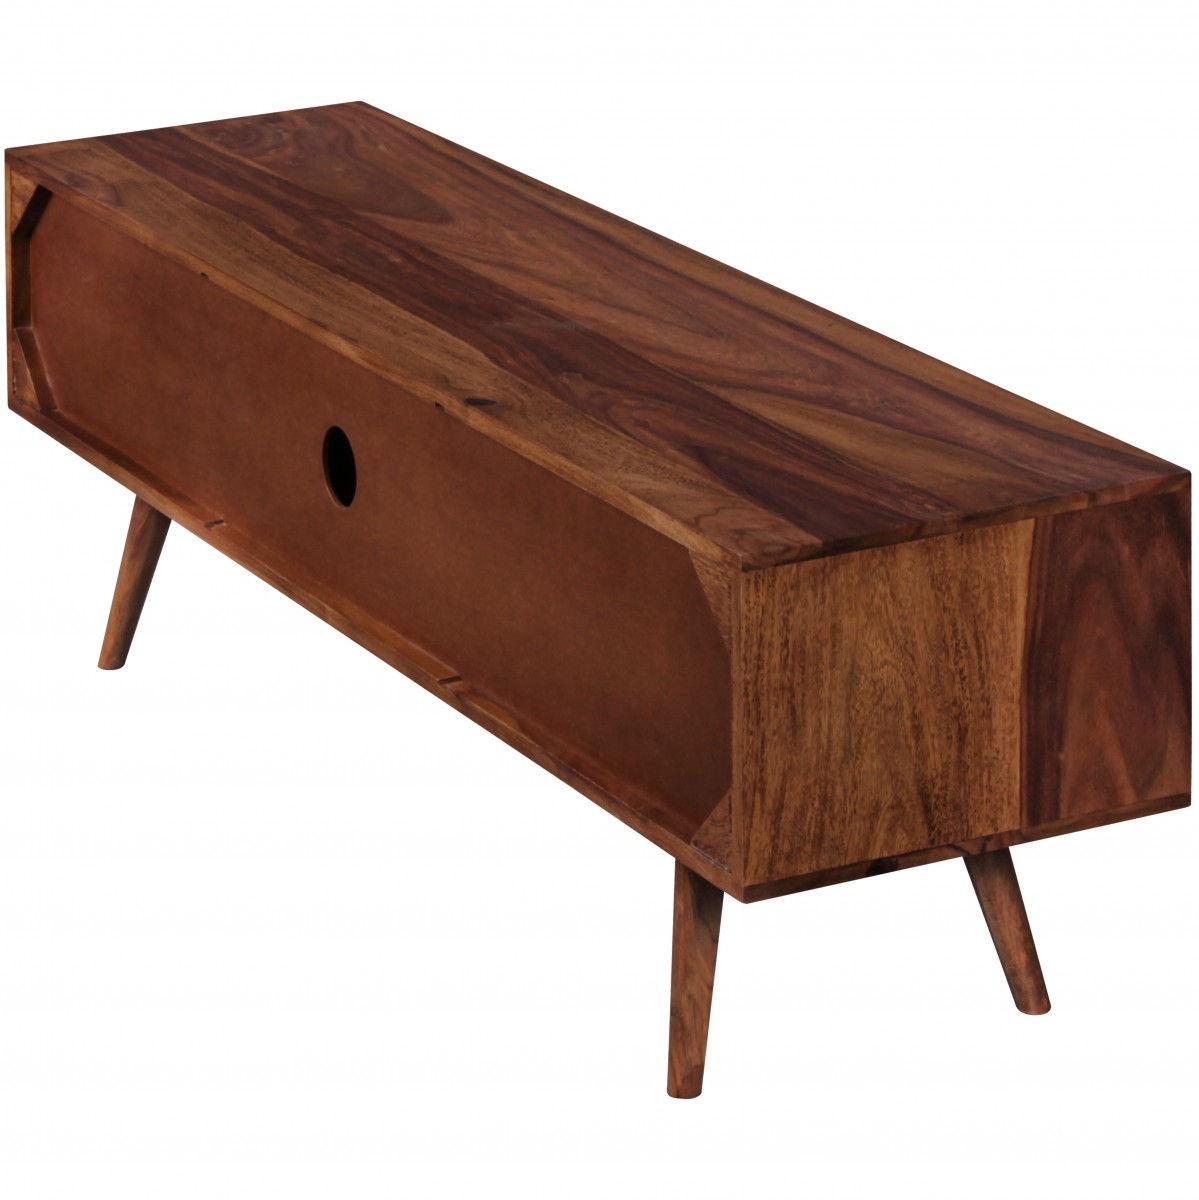 Großartig Holz Lowboard Das Beste Von Awesome Decopoint M Bel In Troisdorf Wohnling